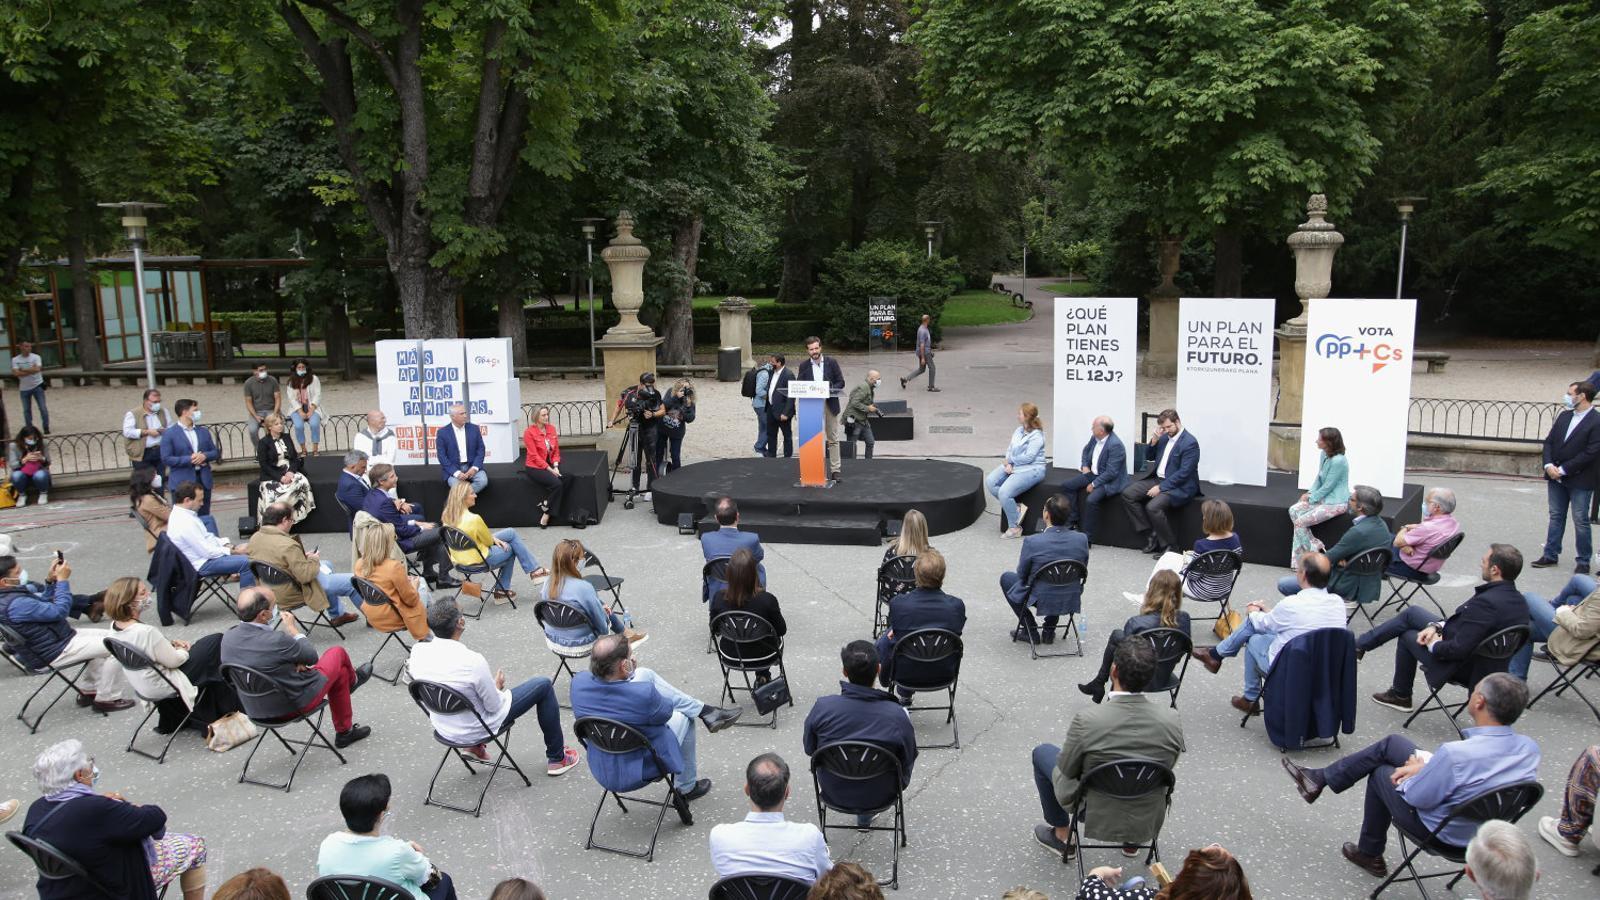 Acte de clausura de la coalició PP+Cs a Euskadi, en què va participar Pablo Casado.